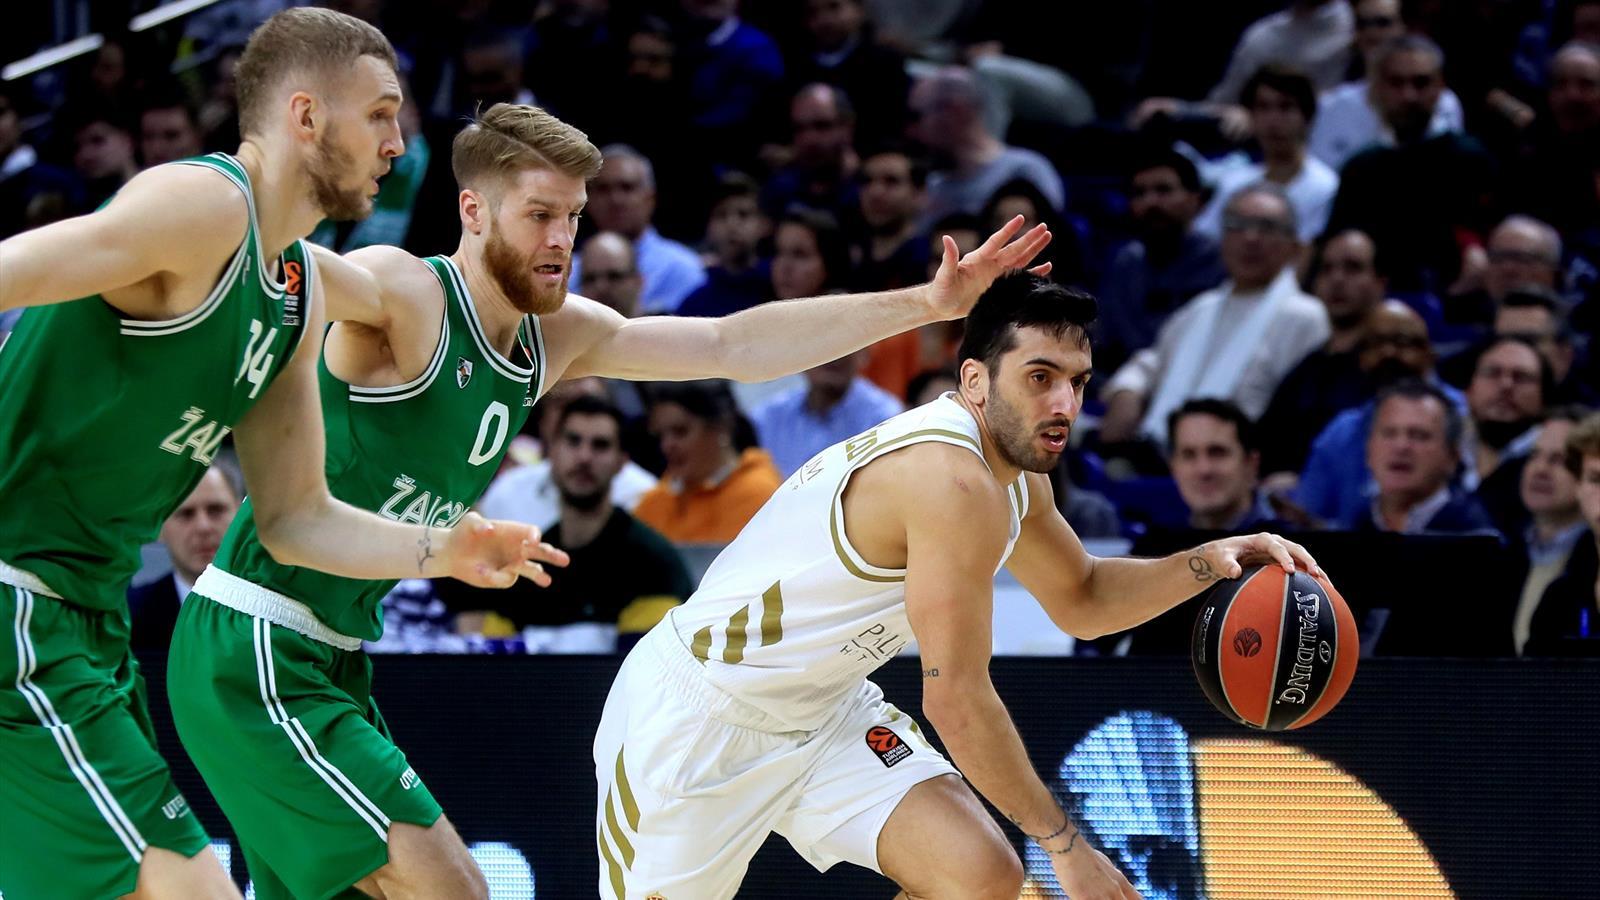 Sólo el Real Madrid consigue la victoria y mantiene el pulso con Anadolu Efes que venció al FC Barcelona. Valencia Basket y Baskonia siguen fuera de los 8 primeros